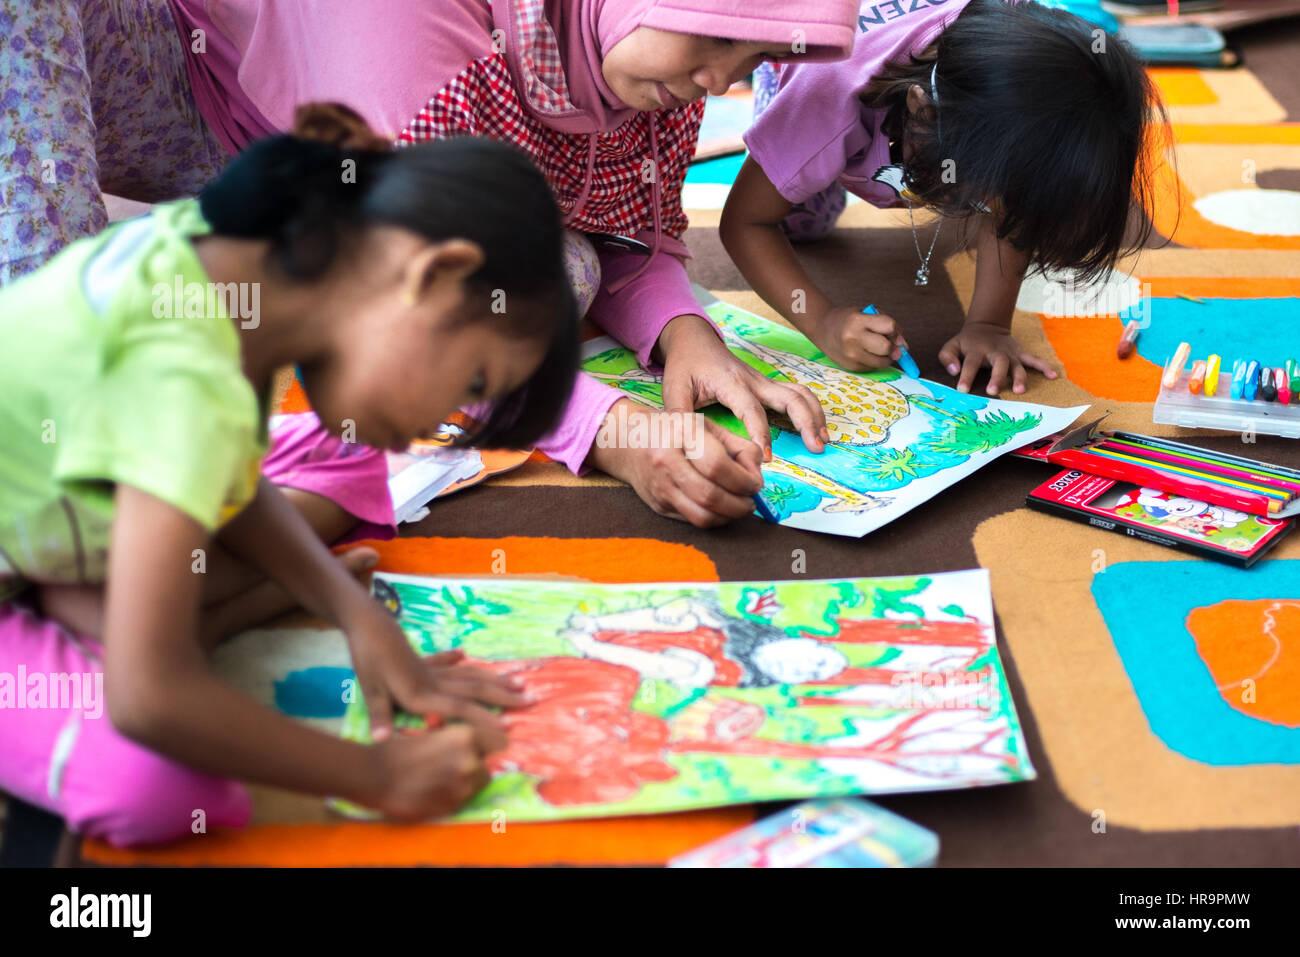 Las niñas dibujar con la madre. Imagen De Stock